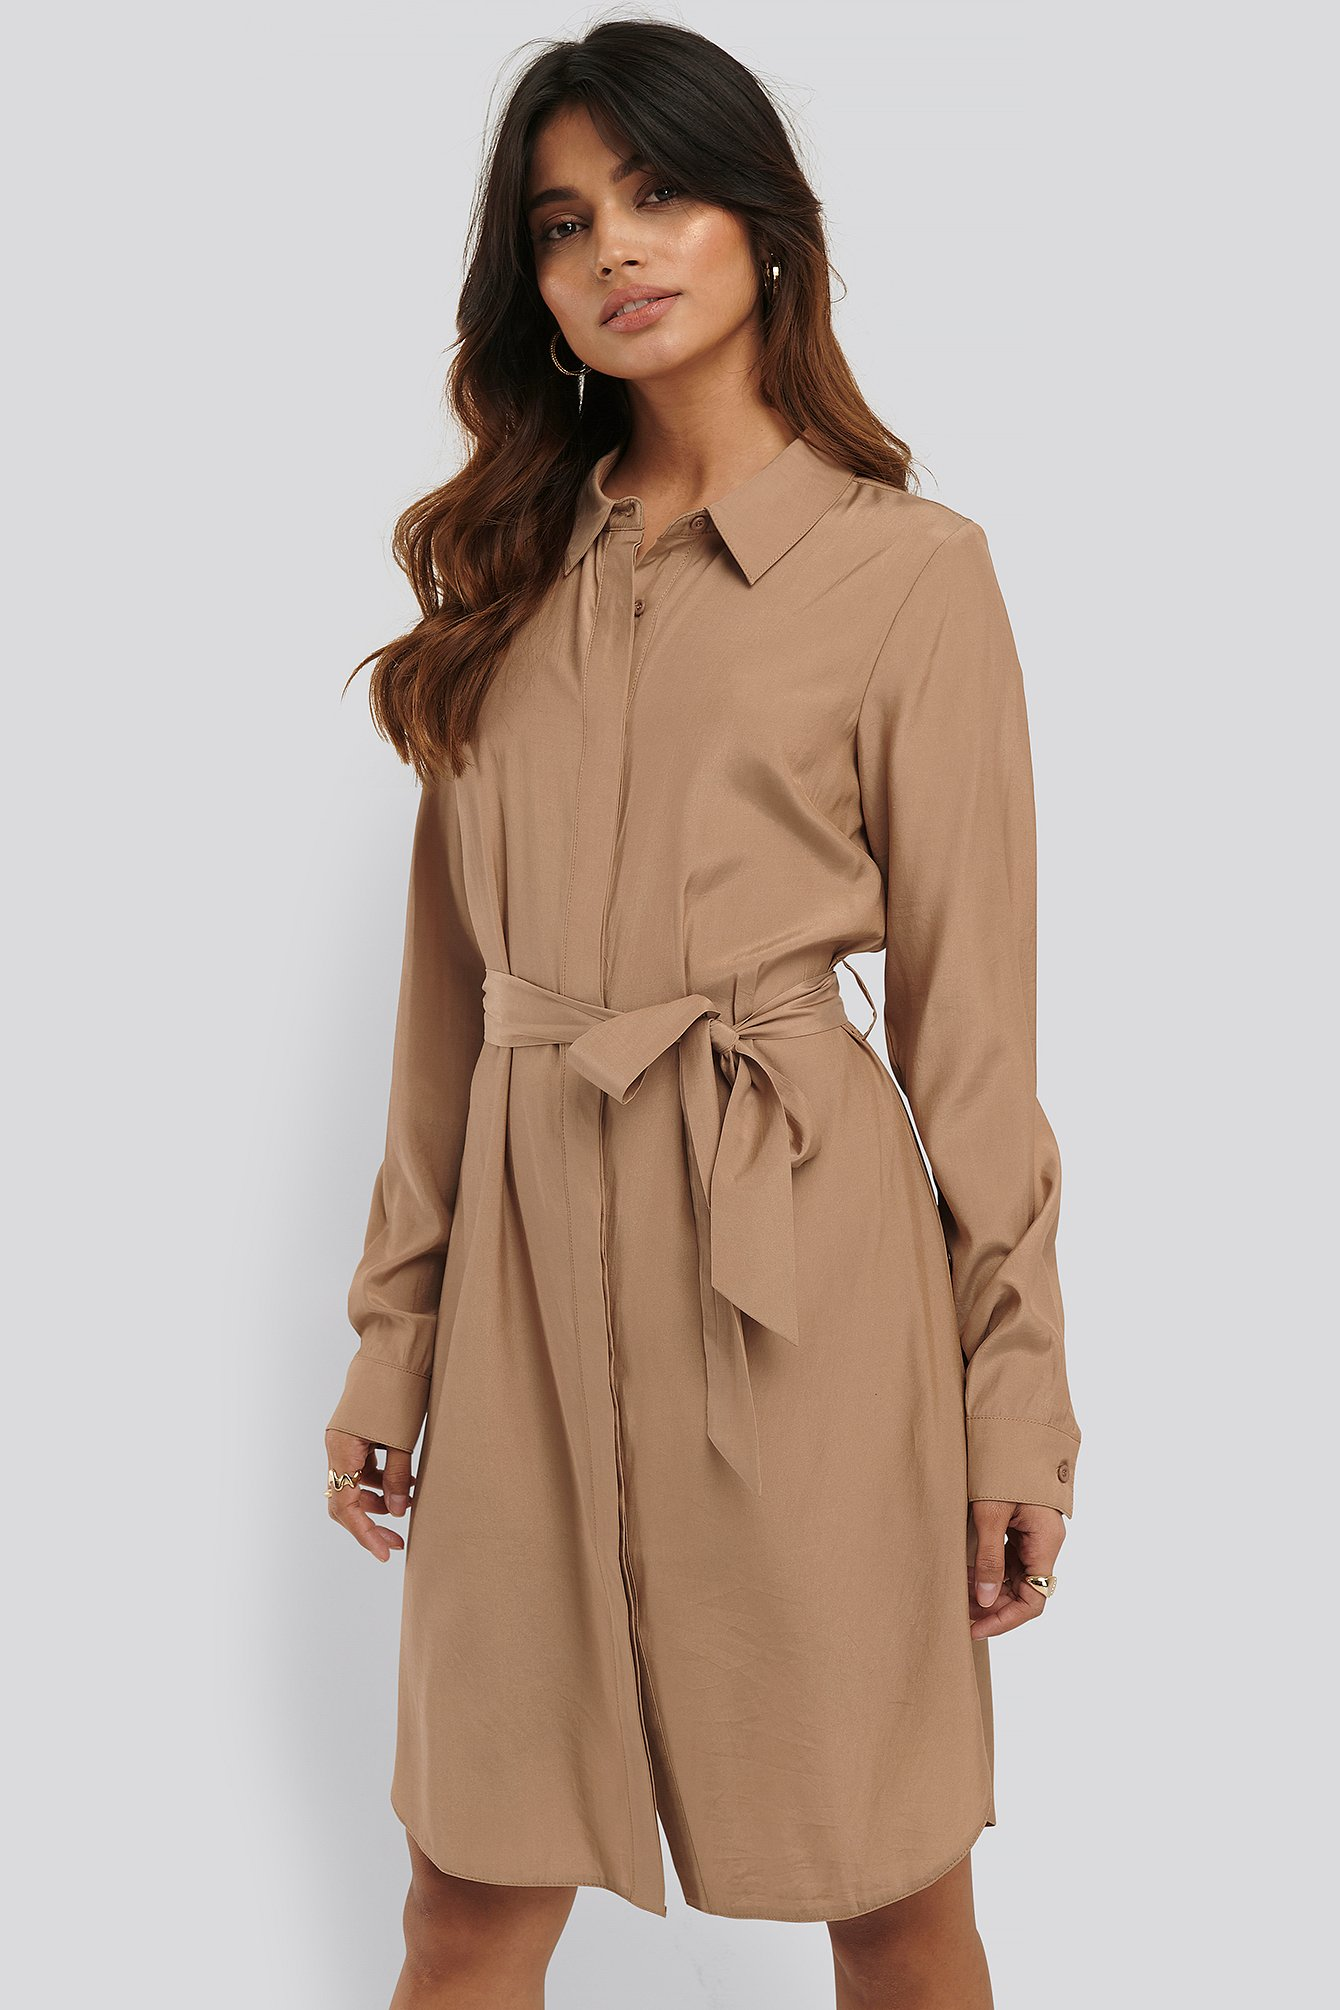 NA-KD Hemdkleid - Beige | Bekleidung > Kleider > Blusenkleider | NA-KD